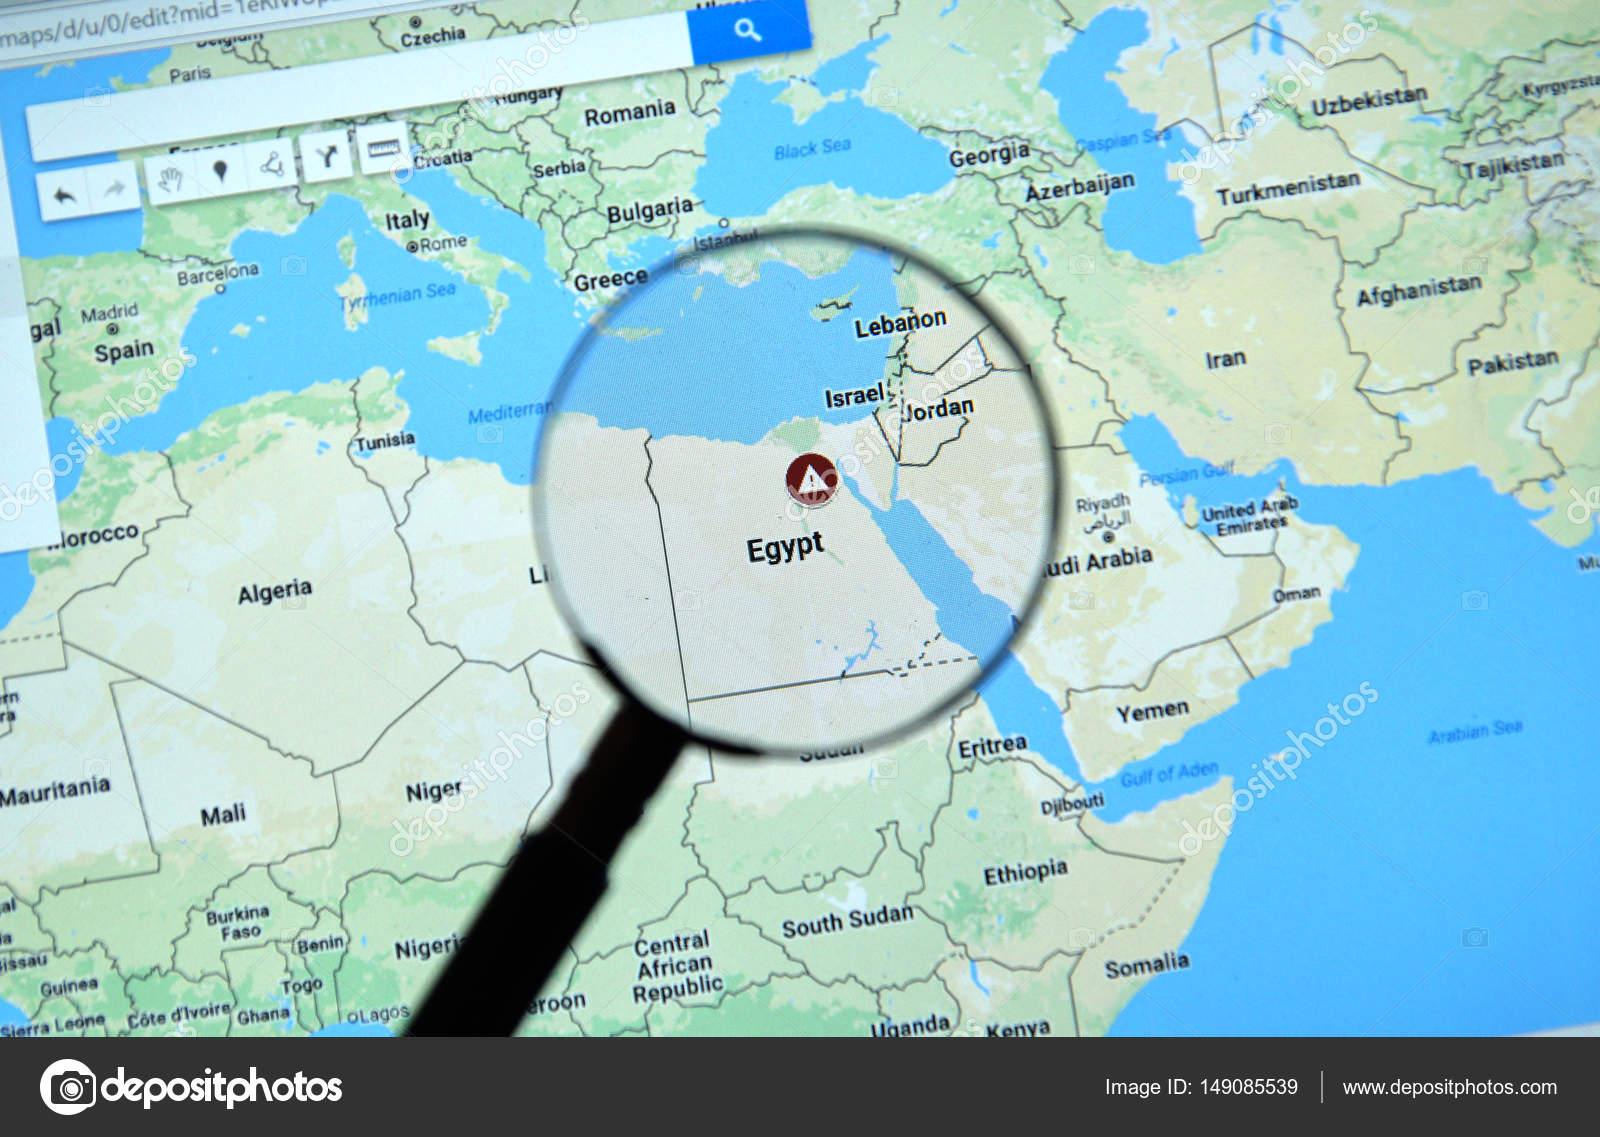 Egipto en google maps foto editorial de stock dennizn 149085539 egipto en google maps fotos de stock gumiabroncs Gallery